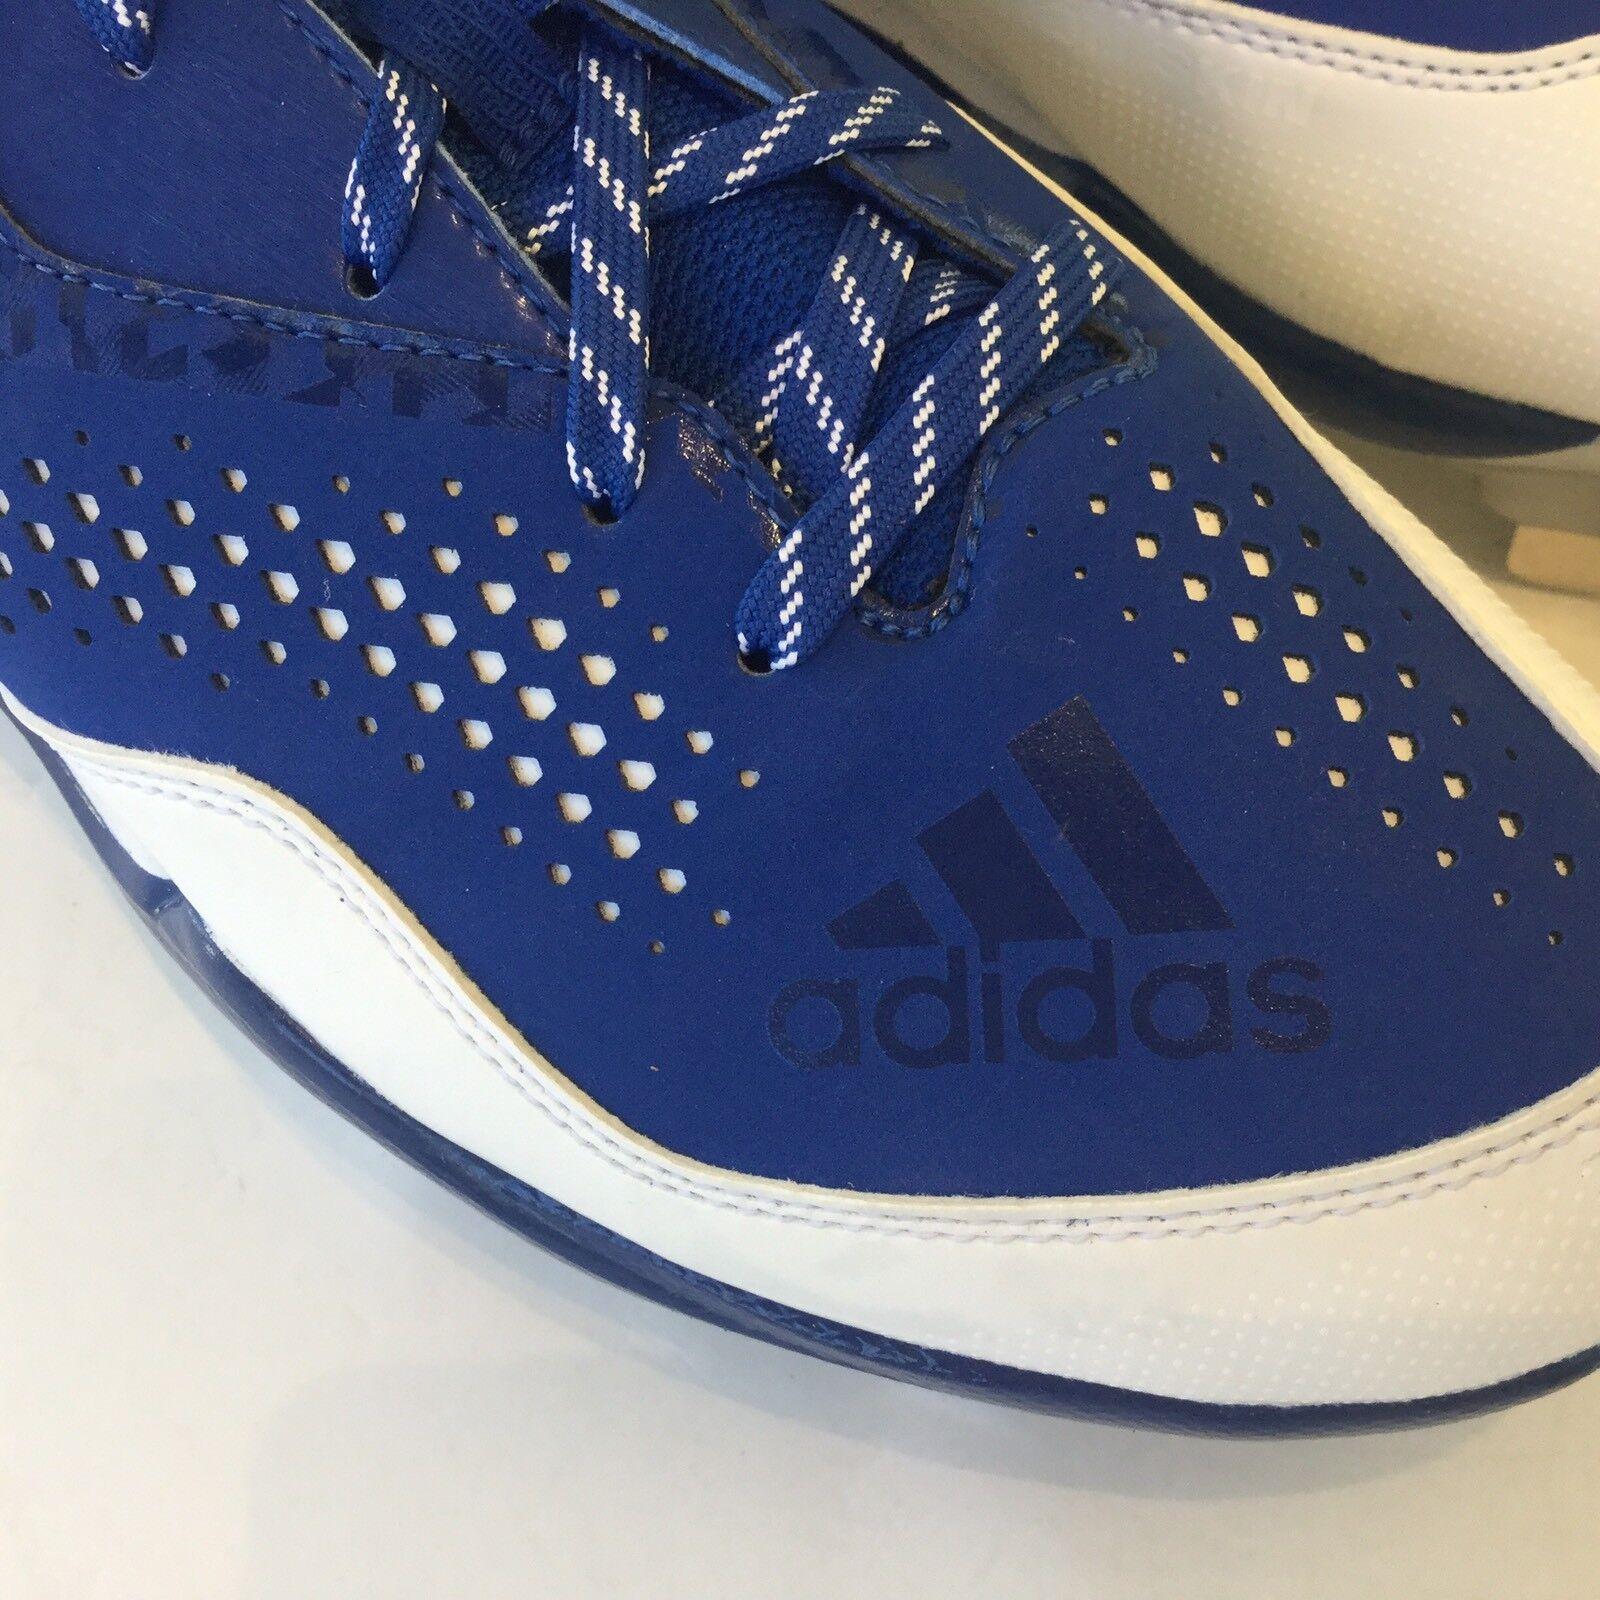 Adidas uomini sz sz sz 9 baseball di metallo, potere bianco & blu q16487 nuovovicolo 4   Alta qualità e basso sforzo  dccea4